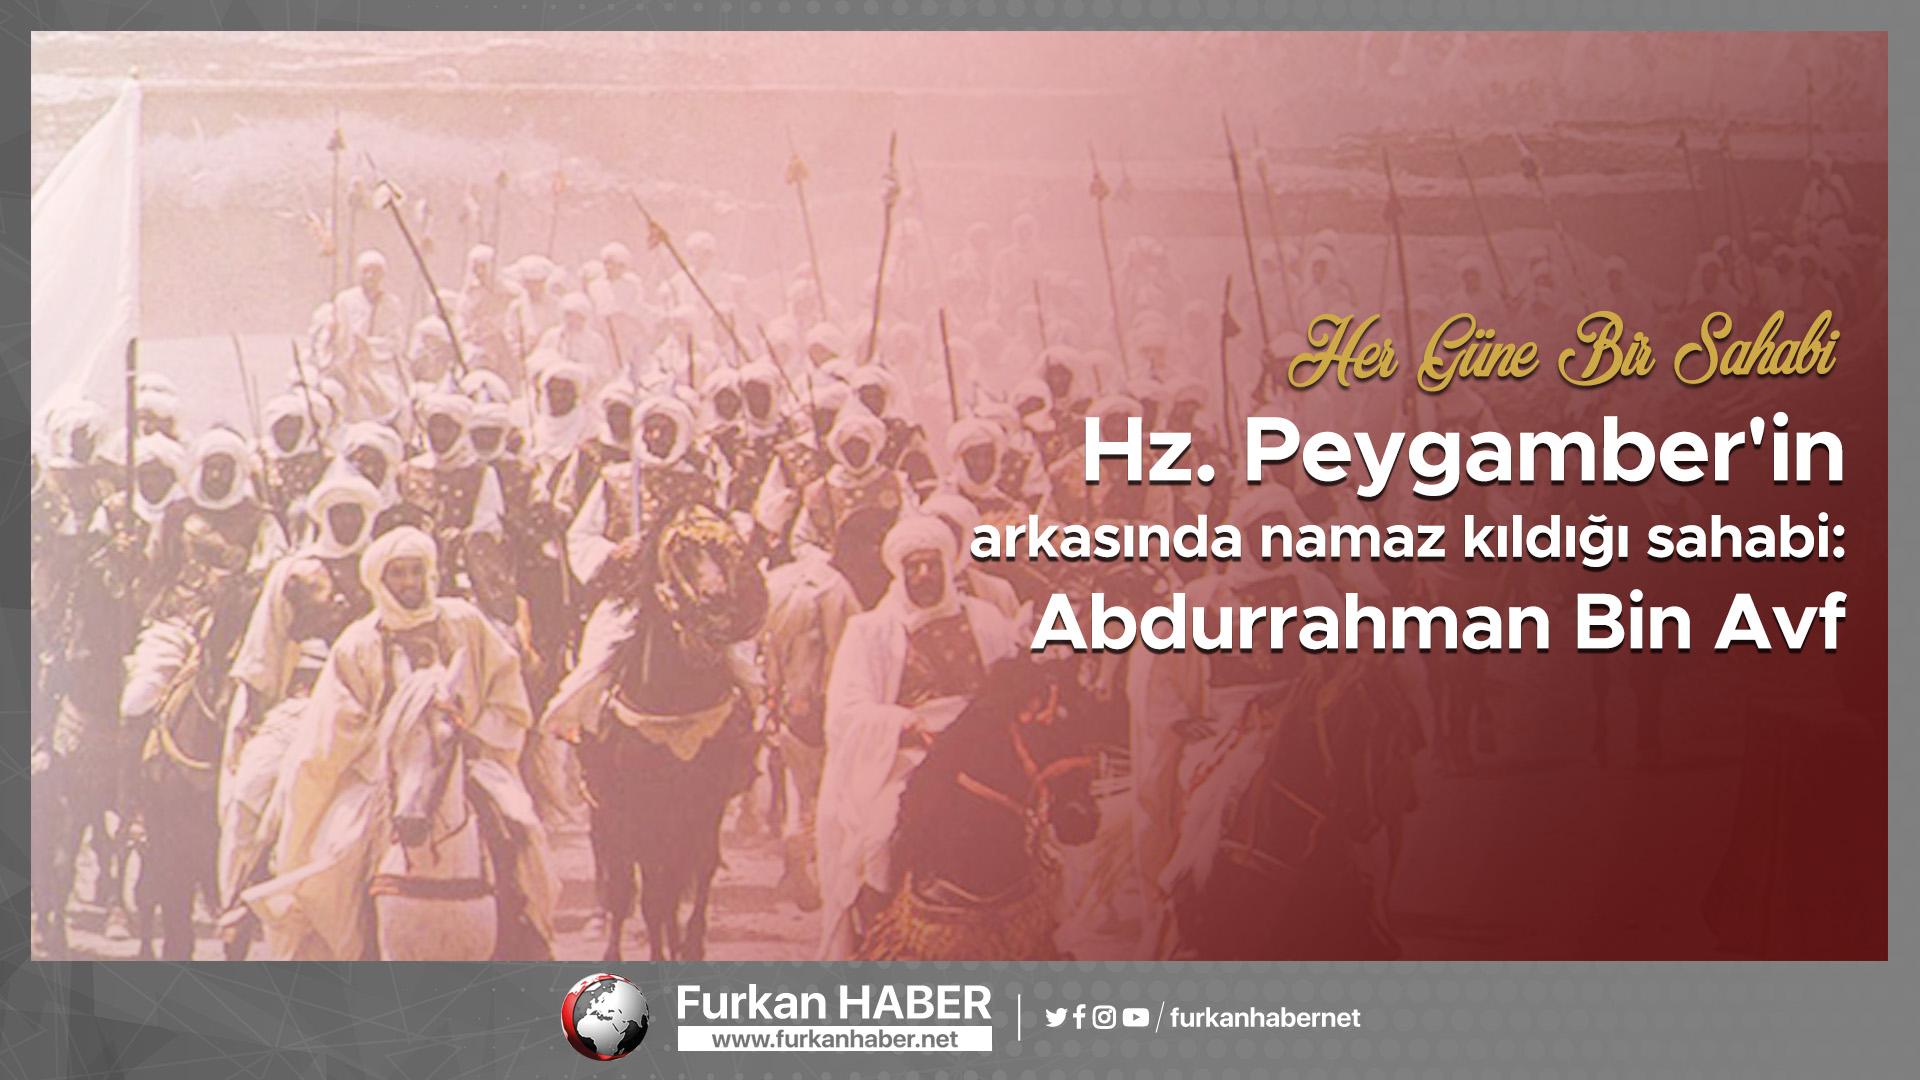 Hz. Peygamber'in arkasında namaz kıldığı sahabi: Abdurrahman Bin Avf